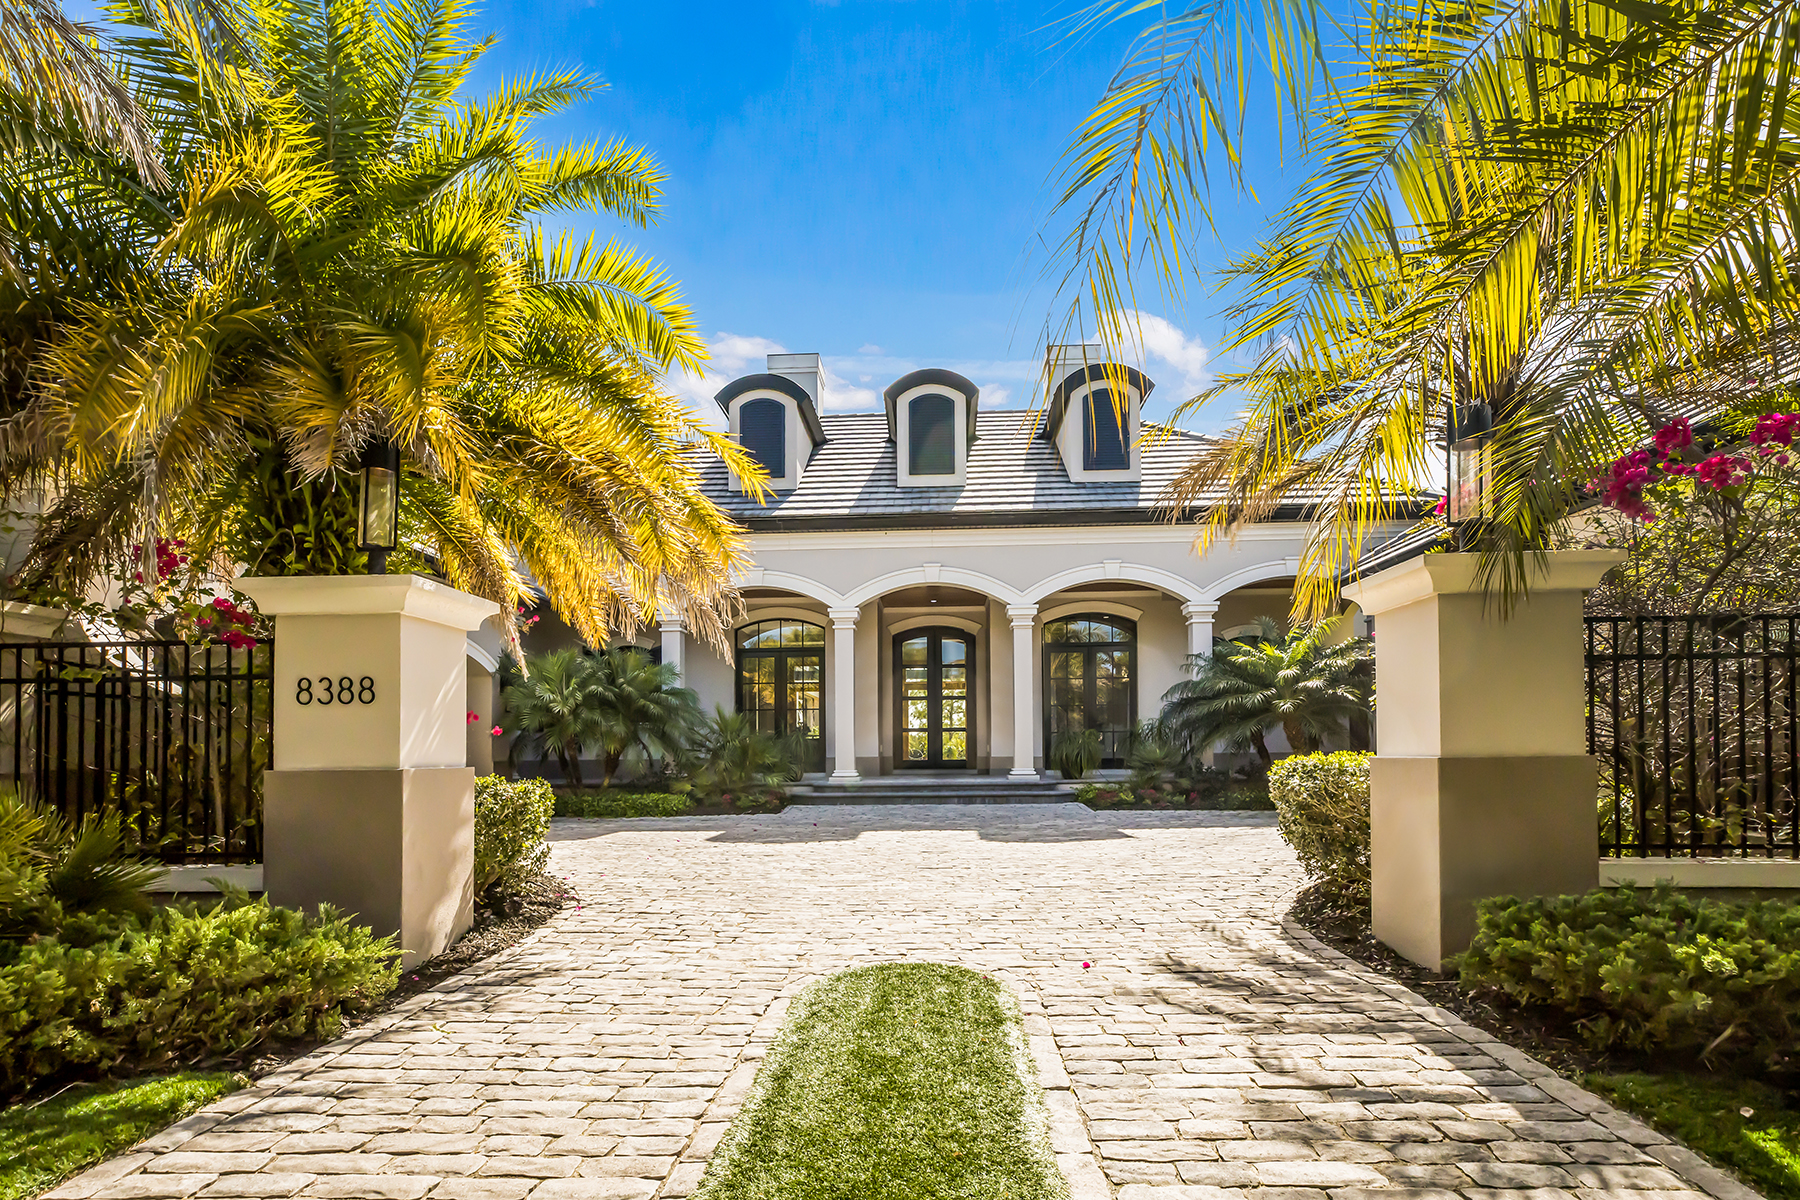 single family homes for Active at THE LAKE CLUB 8388 Catamaran Cir Lakewood Ranch, Florida 34202 United States